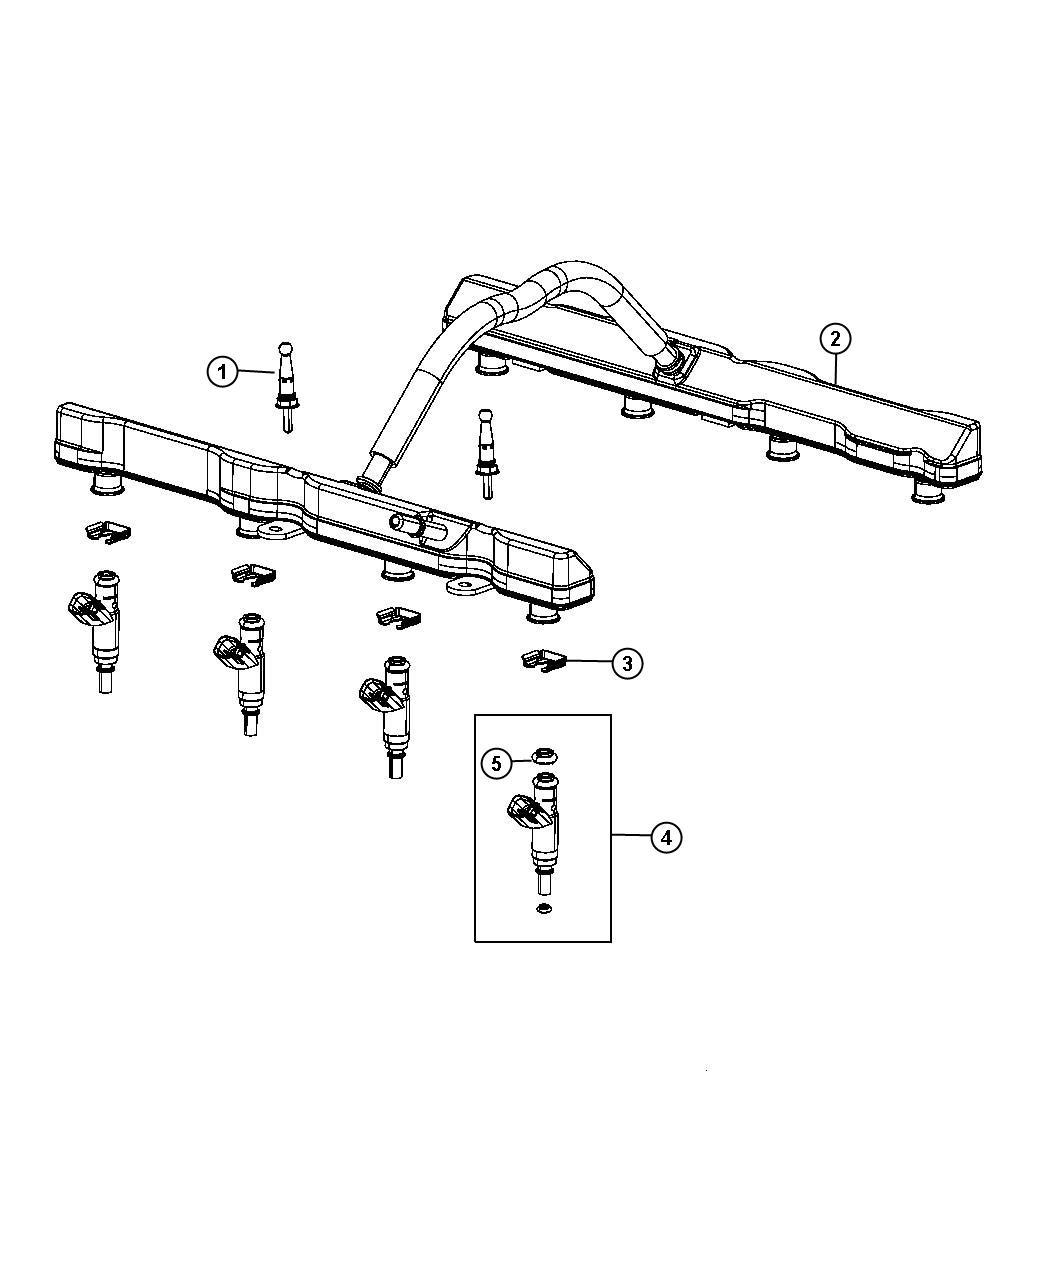 Dodge Challenger R T Str8 6 4l V8 Srt Hemi Mds 5 Speed Auto W5a580 Fuel Rail